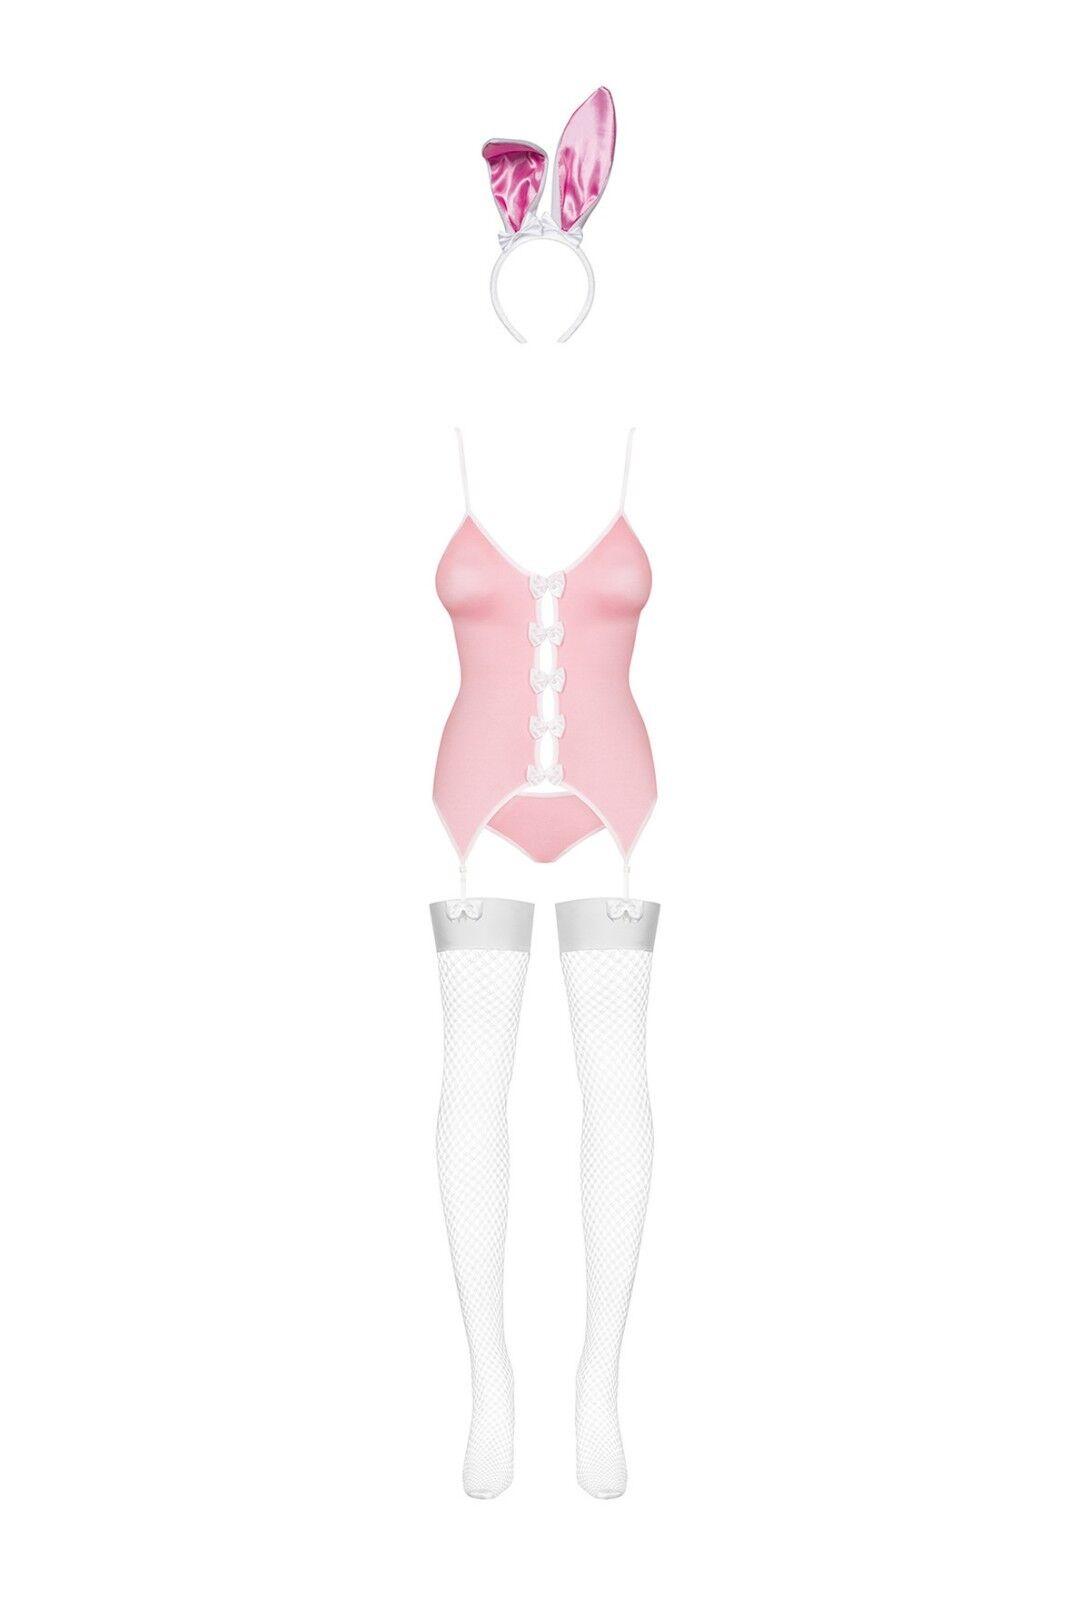 Bunny Kostüm Obsessive Rosa Weiß S M M M L XL Sexy Häschen Ohren Strapse Strümpfe     | Verschiedene Stile und Stile  d2d952